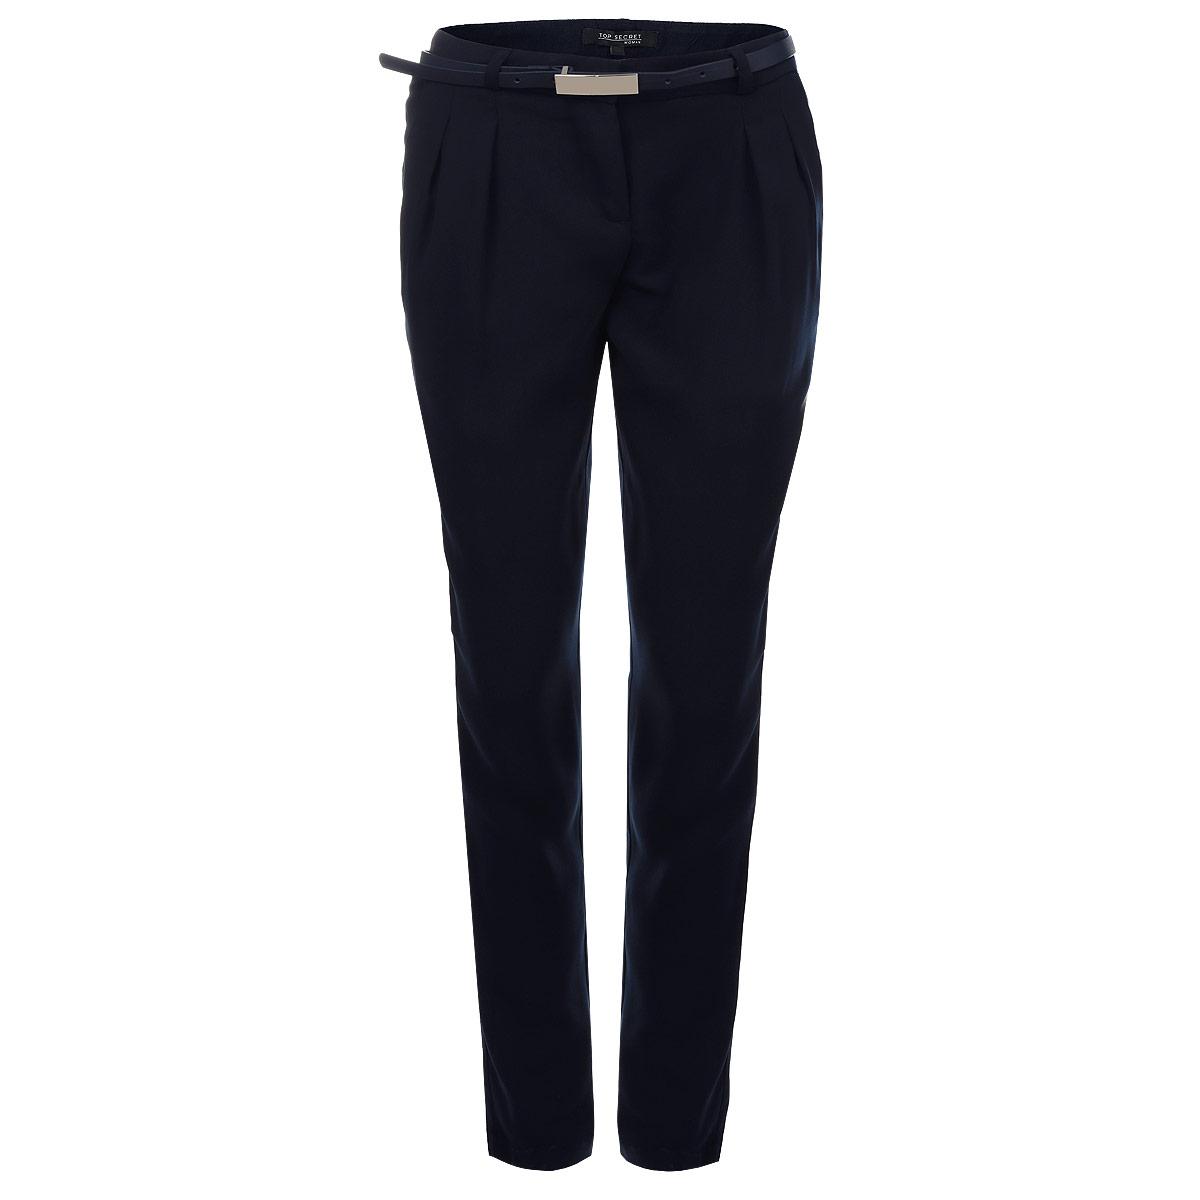 SSP1942GRСтильные женские брюки Top Secret созданы специально для того, чтобы подчеркивать достоинства вашей фигуры. Модель прямого кроя и средней посадки станет отличным дополнением к вашему современному образу. Застегиваются брюки на крючок и пуговицу в поясе и ширинку на застежке-молнии, имеются шлевки для ремня и тонкий ремешок в комплекте. Спереди модель оформлена двумя втачными карманами с косыми срезами, а сзади - имитацией прорезных кармашков. Эти модные и в тоже время комфортные брюки послужат отличным дополнением к вашему гардеробу. В них вы всегда будете чувствовать себя уютно и комфортно.